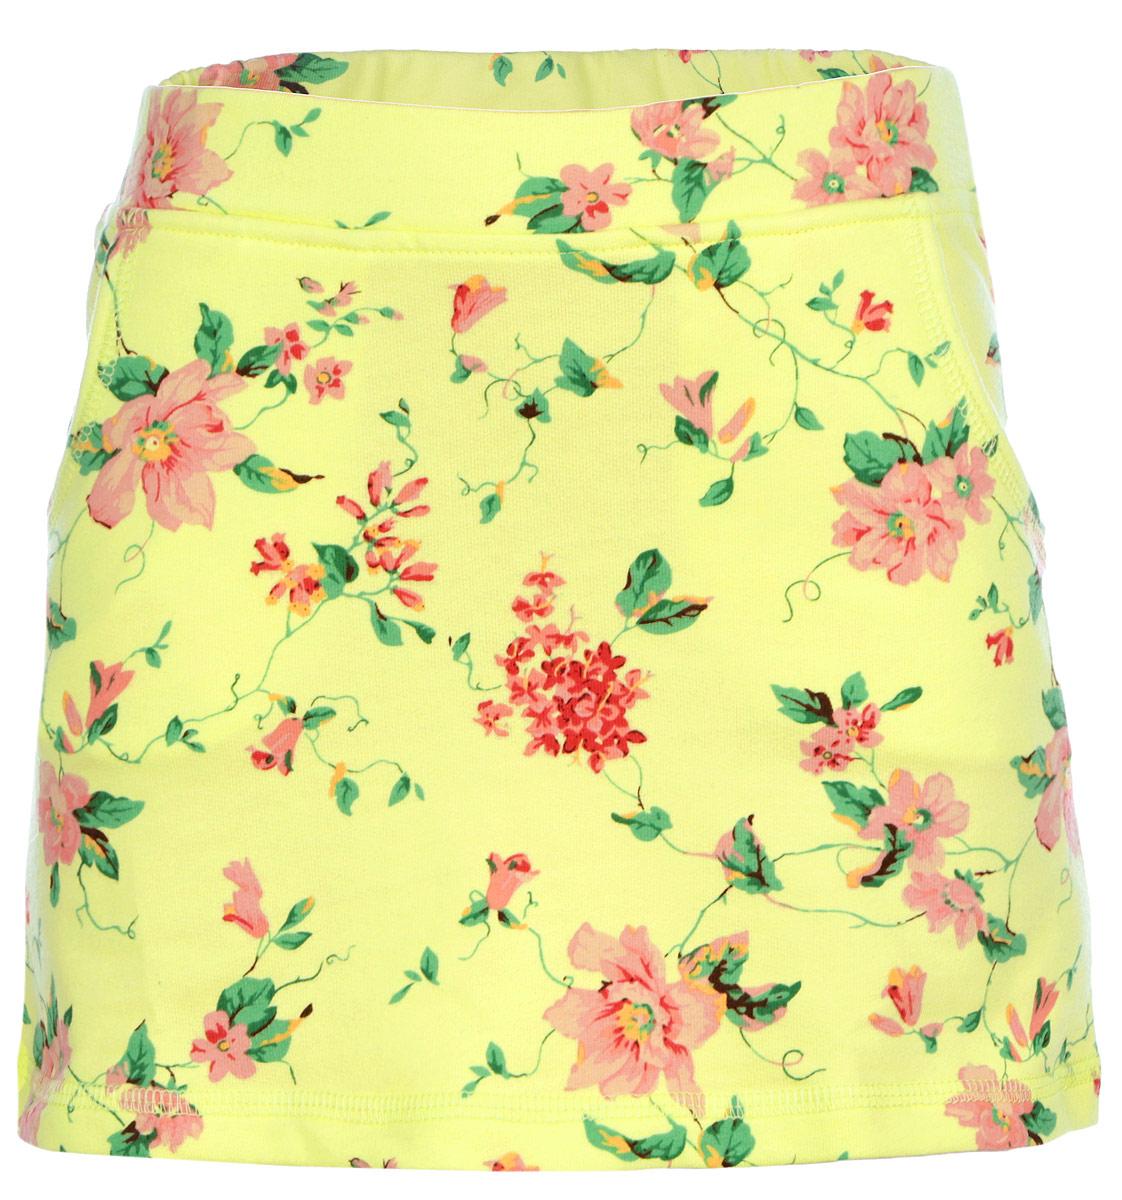 Юбка для девочки. SKk-618/041-6153SKk-618/041-6153Стильная трикотажная юбка для девочки Sela идеально подойдет вашей моднице и станет отличным дополнением к детскому гардеробу. Изготовленная из эластичного хлопка, она необычайно мягкая и приятная на ощупь, не сковывает движения и позволяет коже дышать, не раздражает нежную кожу ребенка, обеспечивая ему наибольший комфорт. Юбка на талии имеет широкую эластичную резинку, благодаря чему они не сдавливают животик ребенка и не сползают. Спереди модель дополнена двумя втачными. Юбка оформлена цветочным принтом. В такой юбочке ваша принцесса будет чувствовать себя комфортно, уютно и всегда будет в центре внимания!